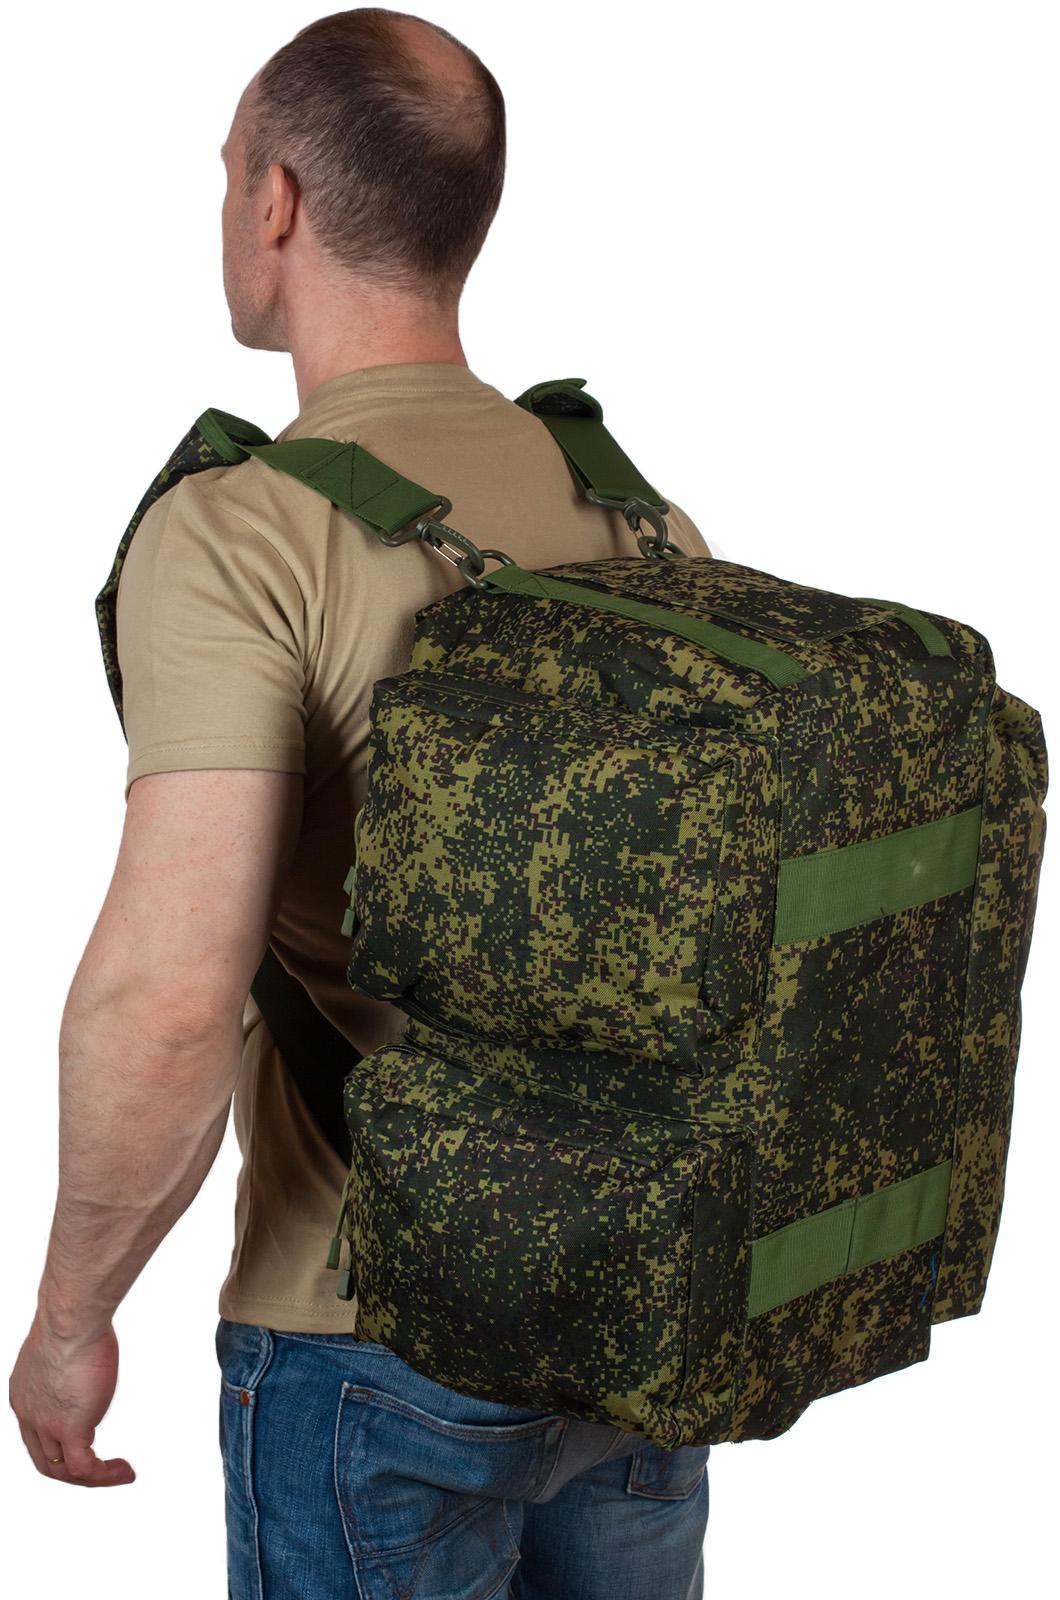 Тактическая камуфляжная сумка с нашивкой Ни пуха, Ни пера - заказать с доставкой